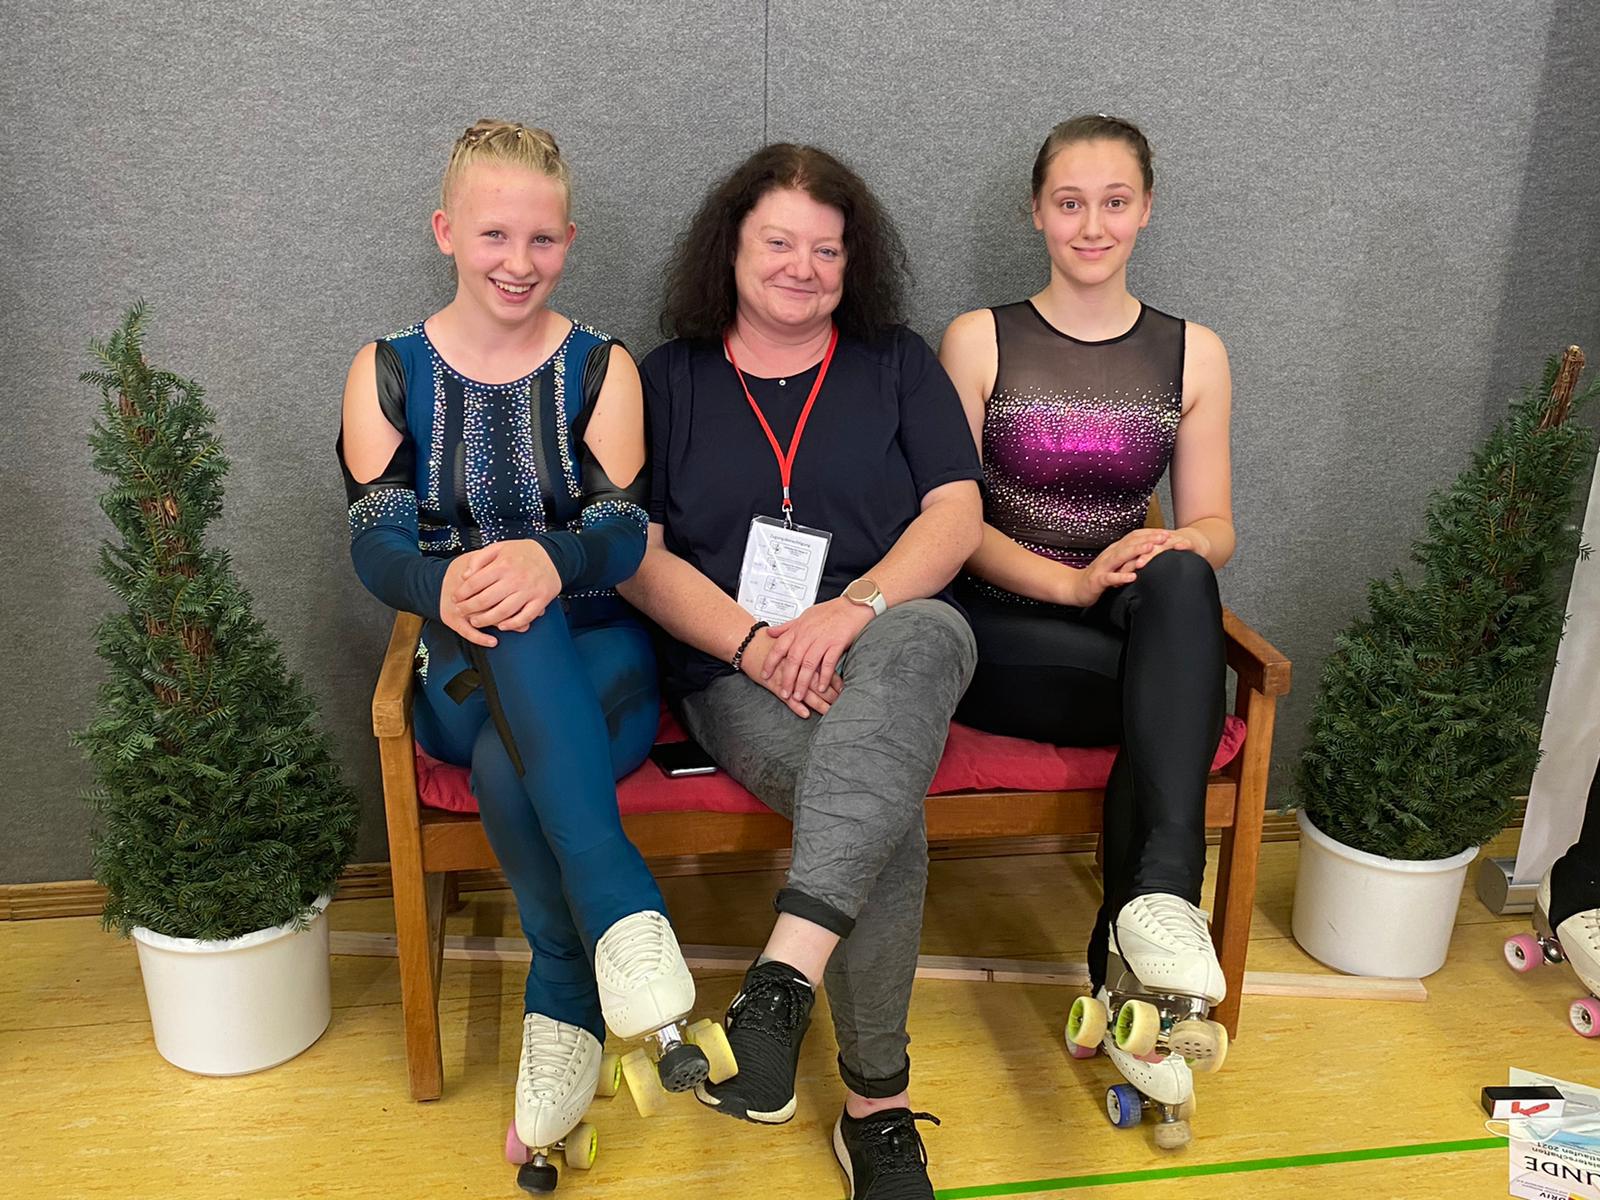 Rollkunstläuferinnen Starteten Bei Den Deutschen Meisterschaften